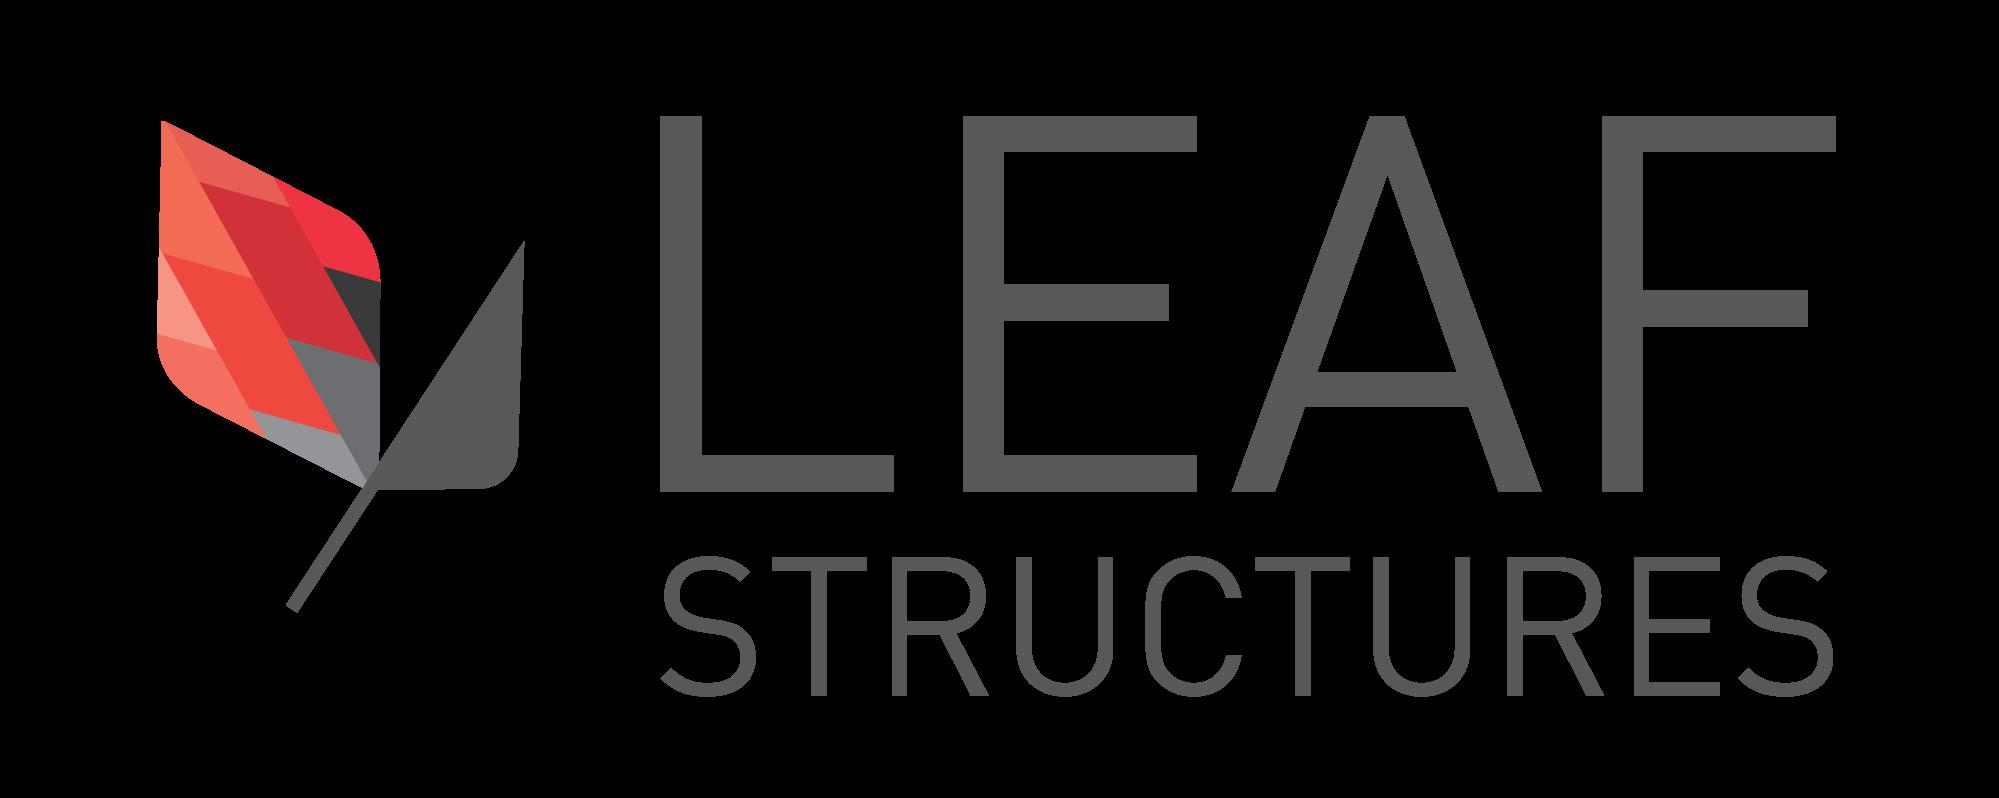 Leaf-structural